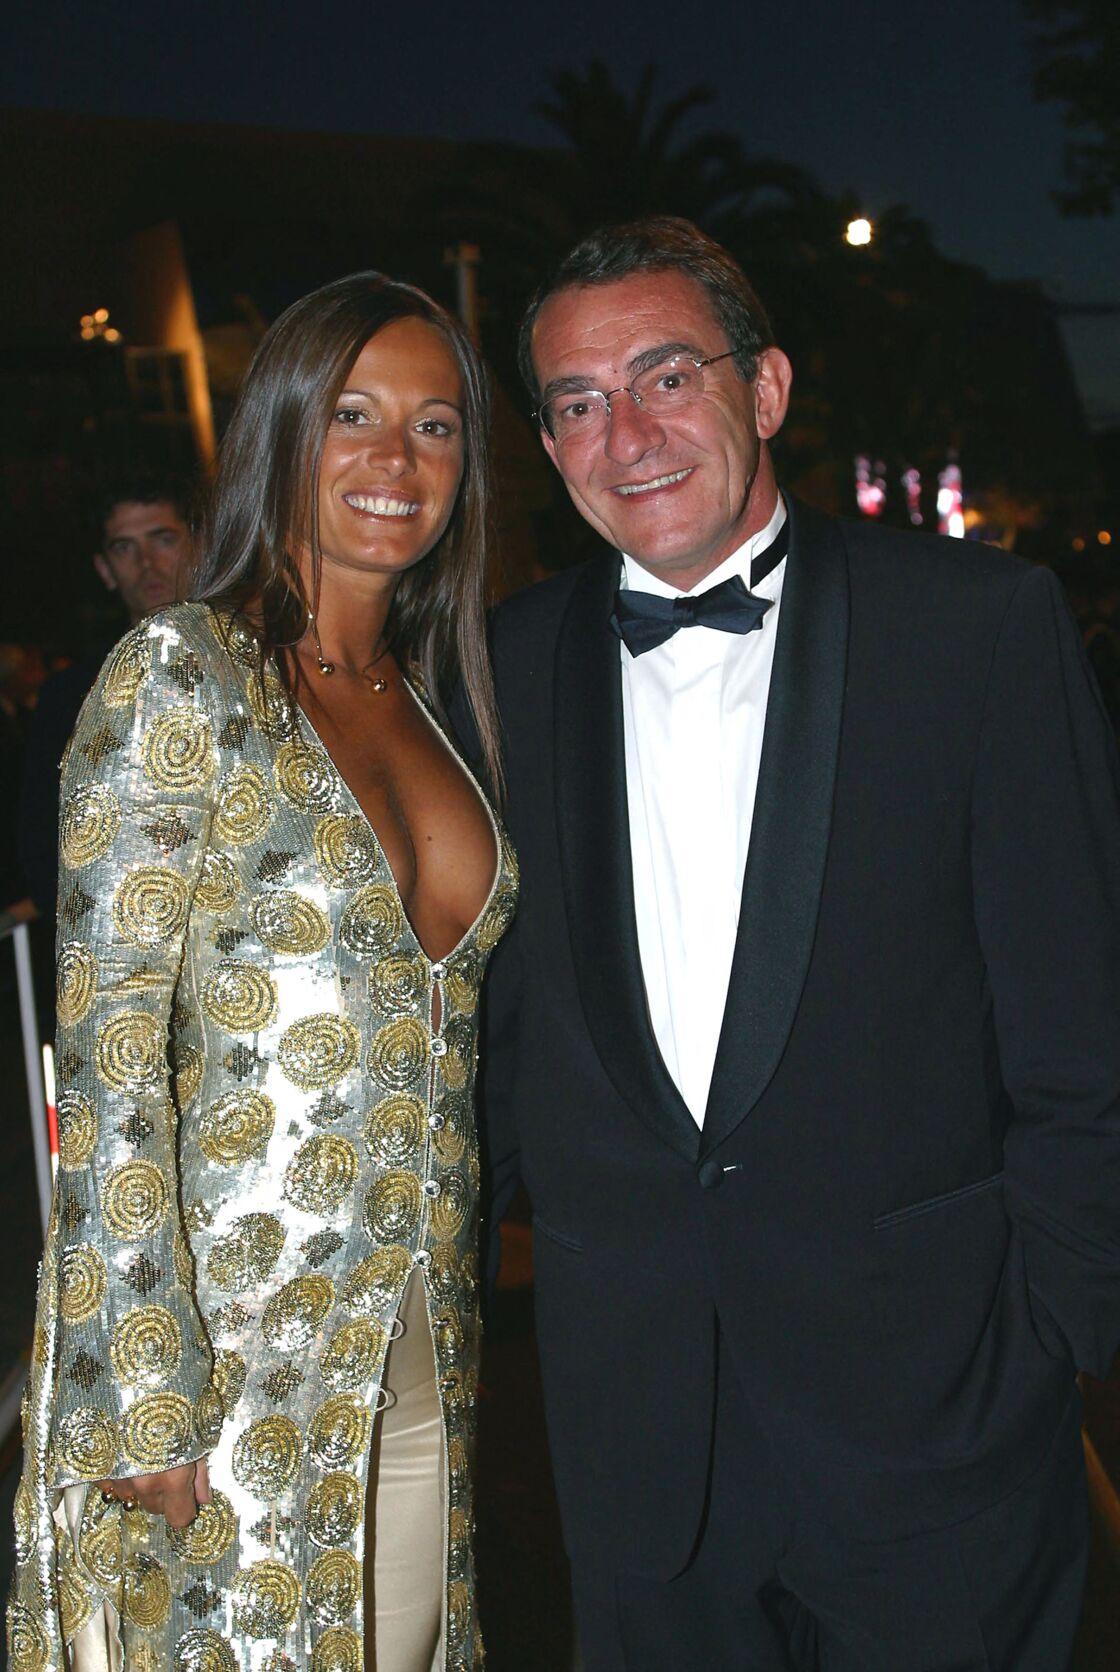 Jean-Pierre Pernaut et Nathalie Marquay au début de leur histoire officialisée à Cannes, en mai 2002.